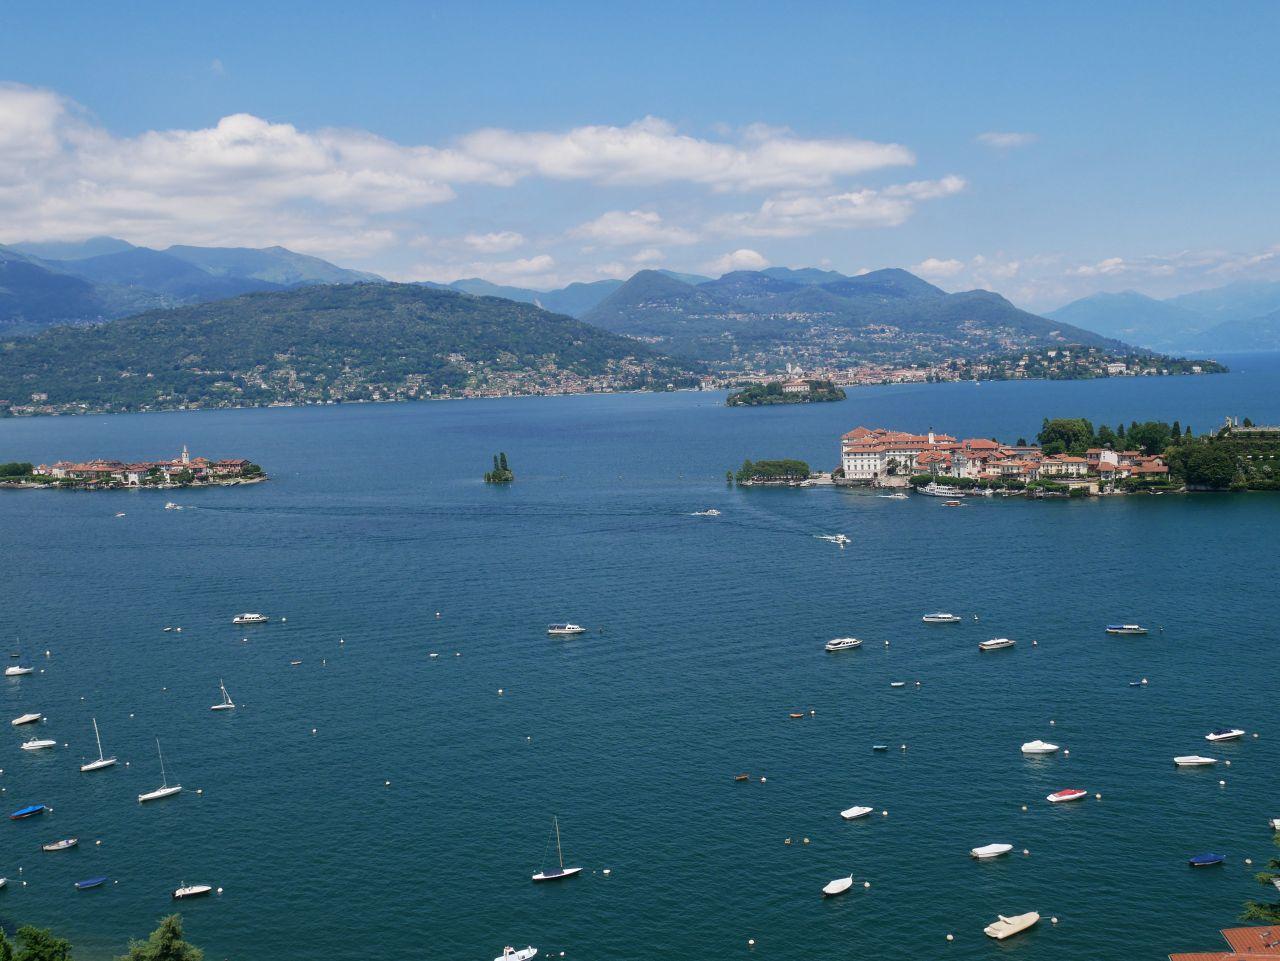 2 jours au lac Majeur: vue du lac depuis le téléphérique du Mottarone